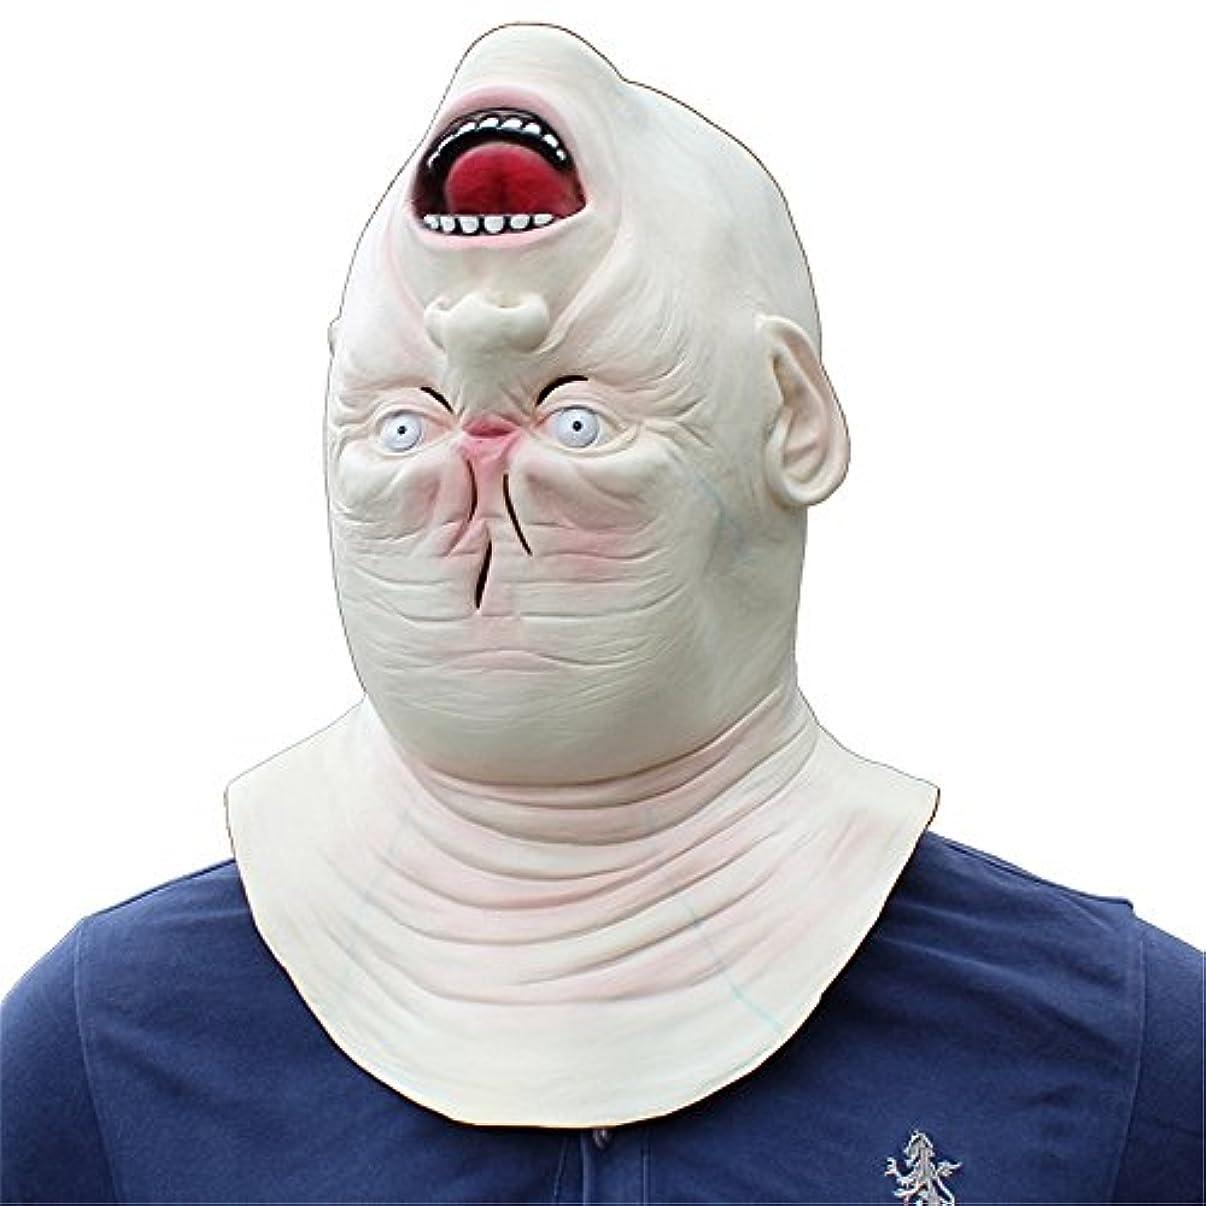 火曜日リネン遺跡ハロウィンホラーラテックスヘッドマスク仮装パーティーおかしい小道具